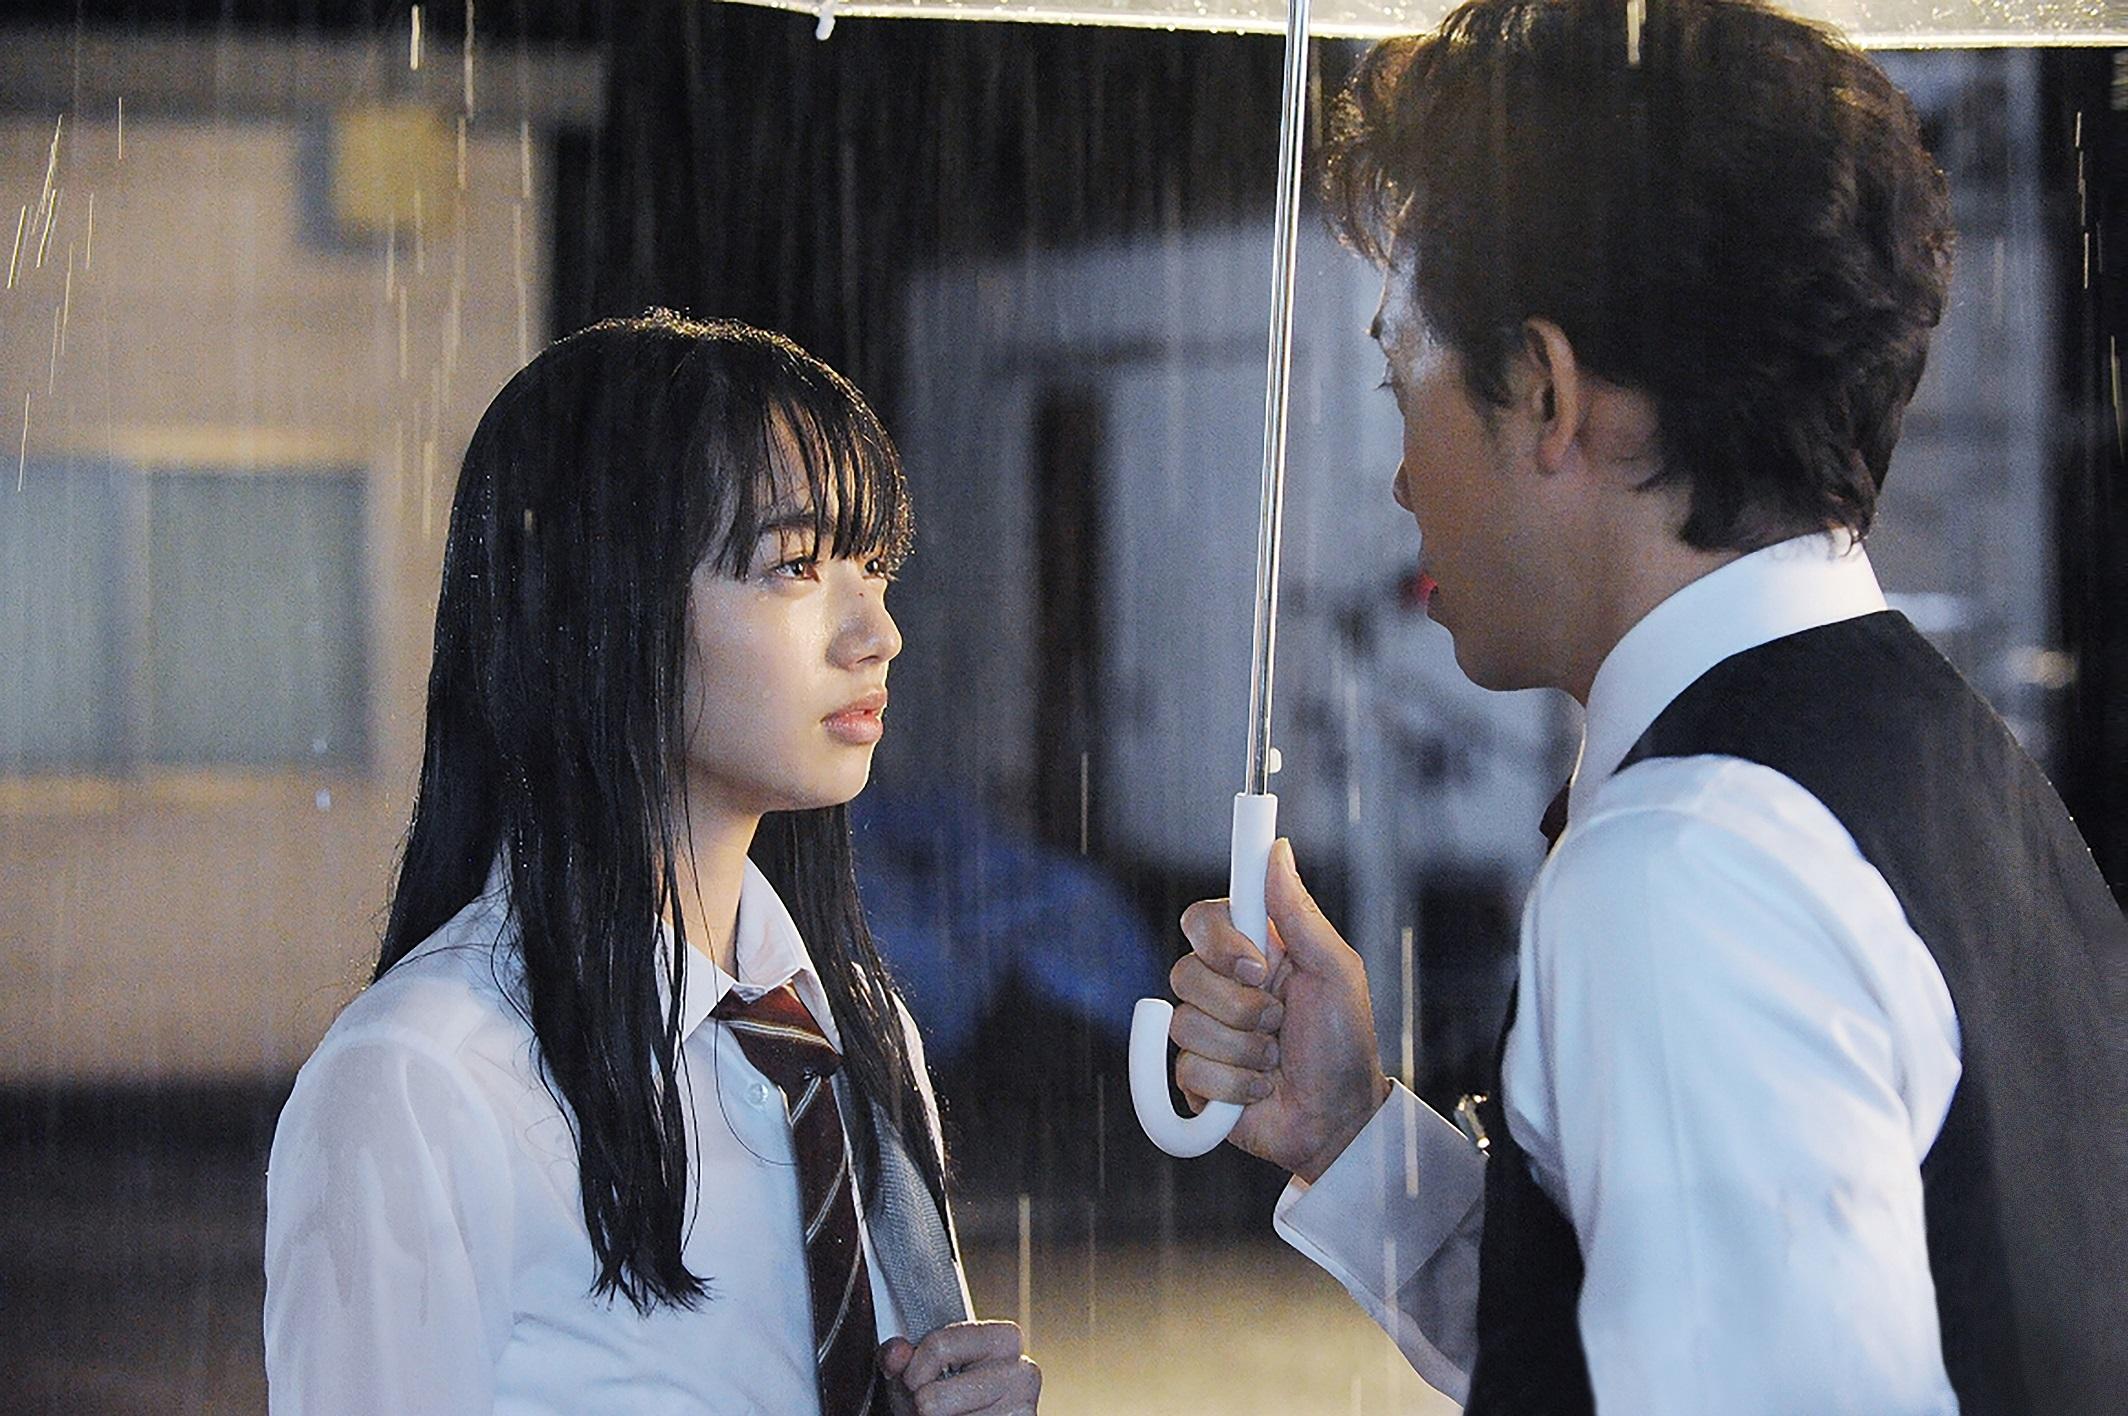 (c)2018映画「恋は雨上がりのように」製作委員会 (c)2014眉月じゅん/小学館